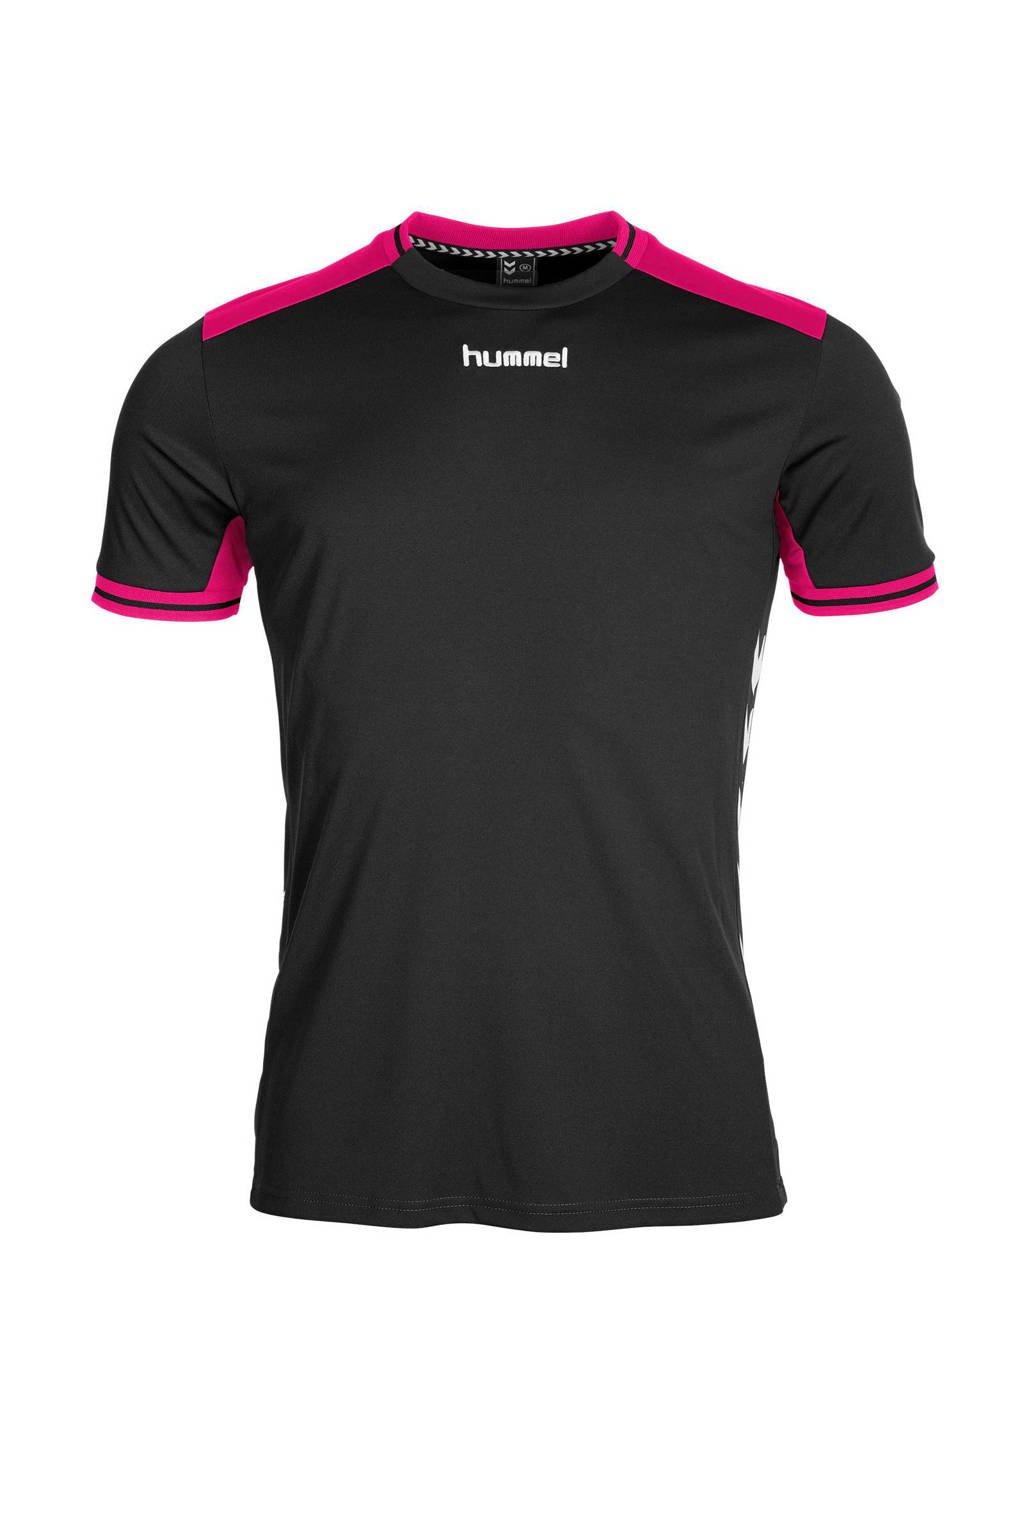 hummel   sport T-shirt zwart/roze, Zwart/roze